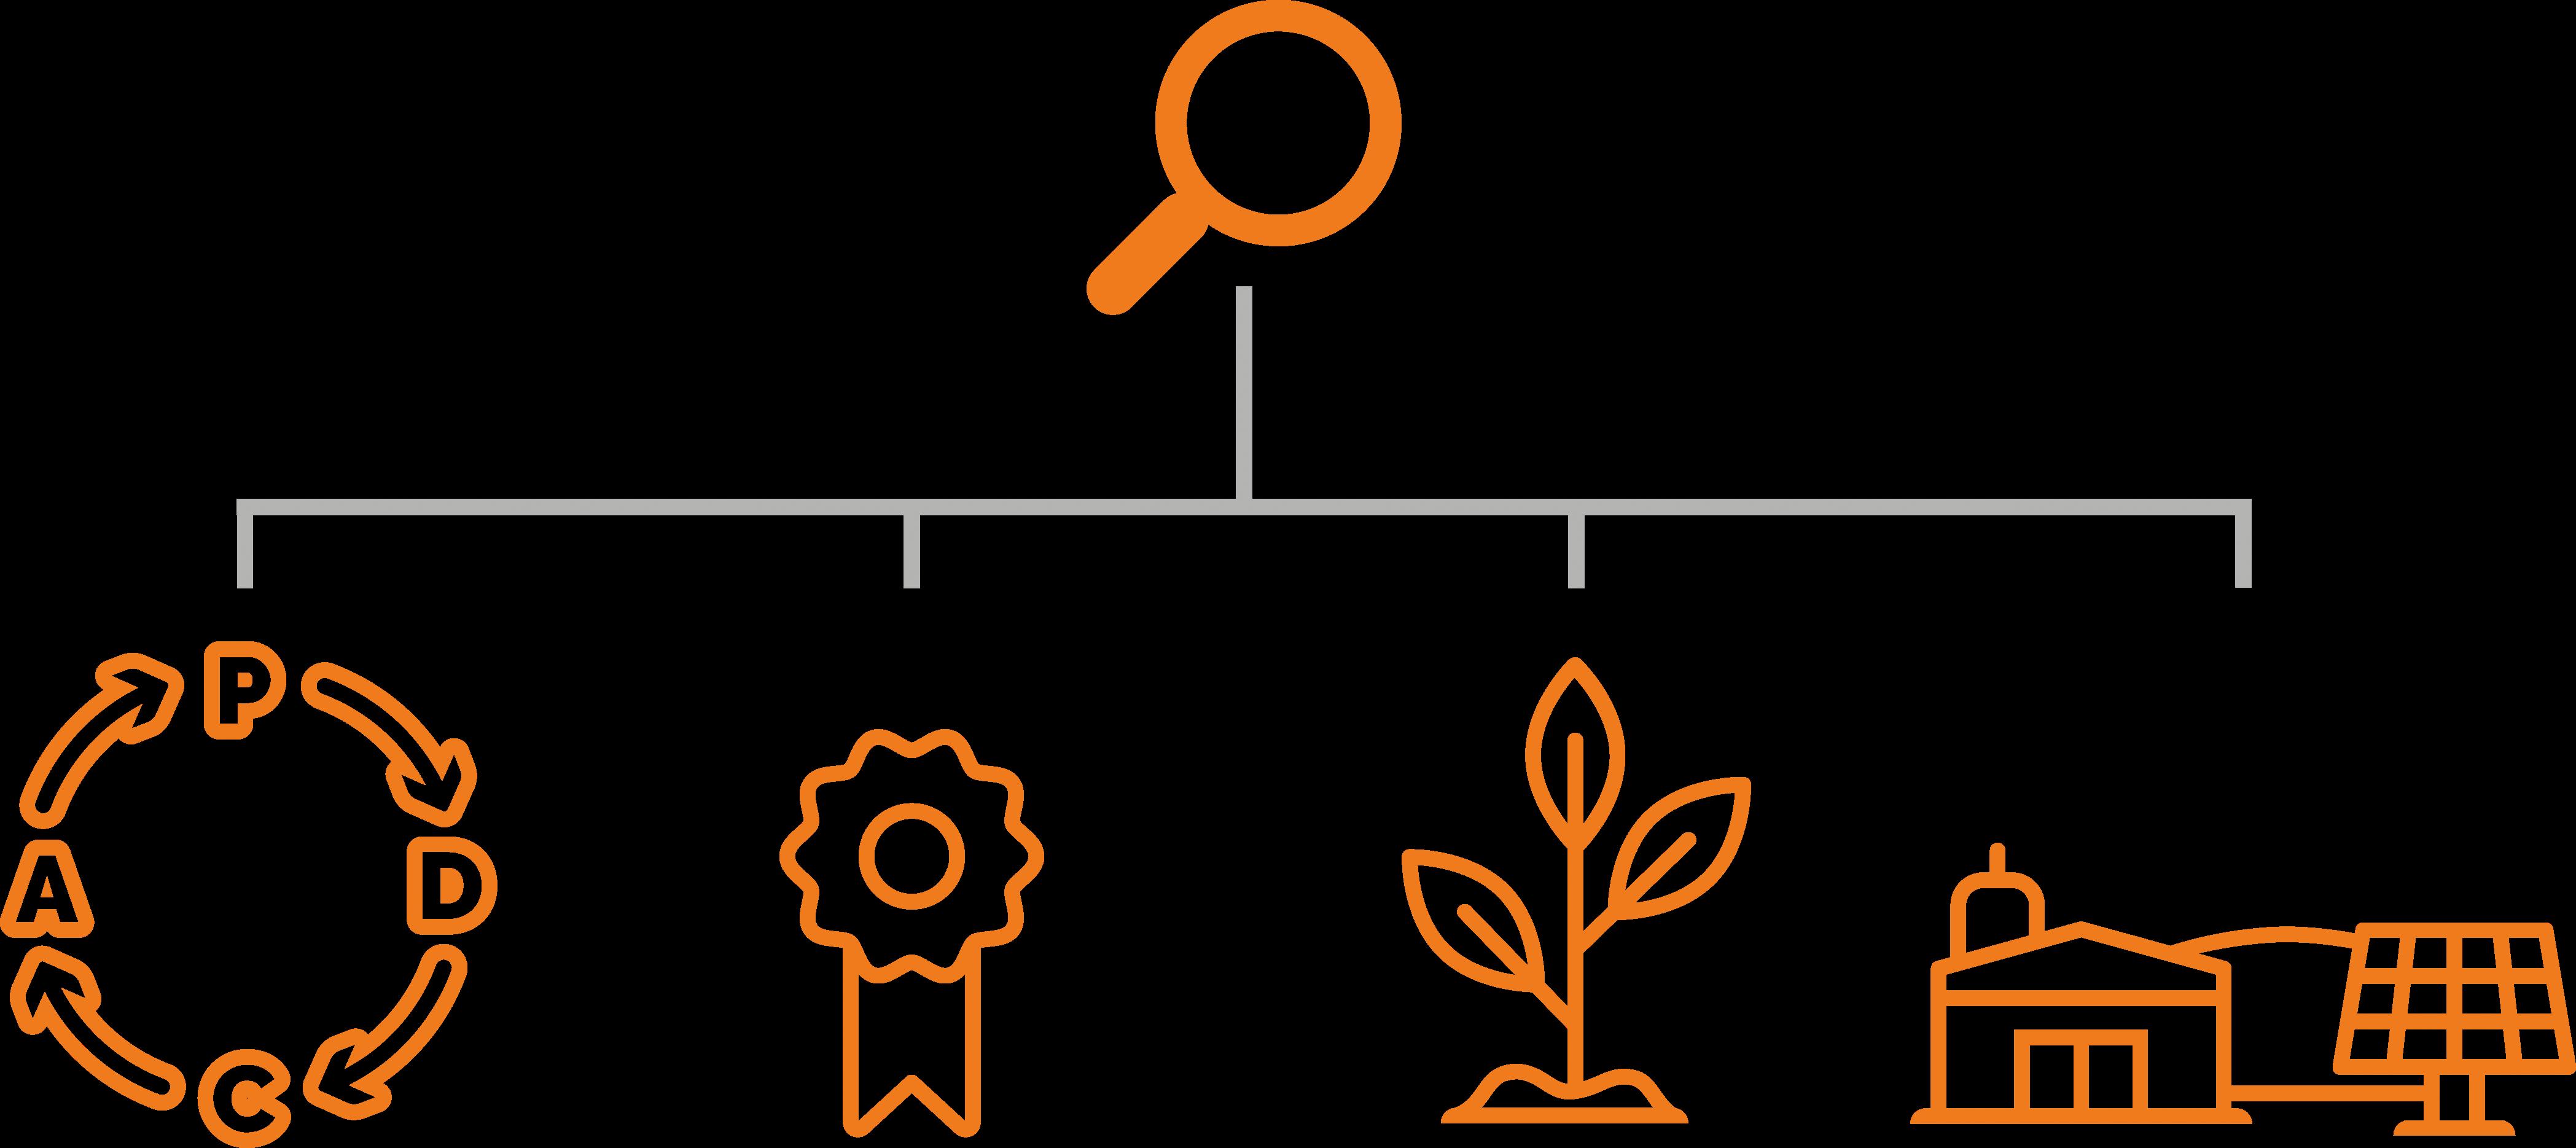 Darstellung der Fachbereiche innerhalb der Umweltgutachterorganisation